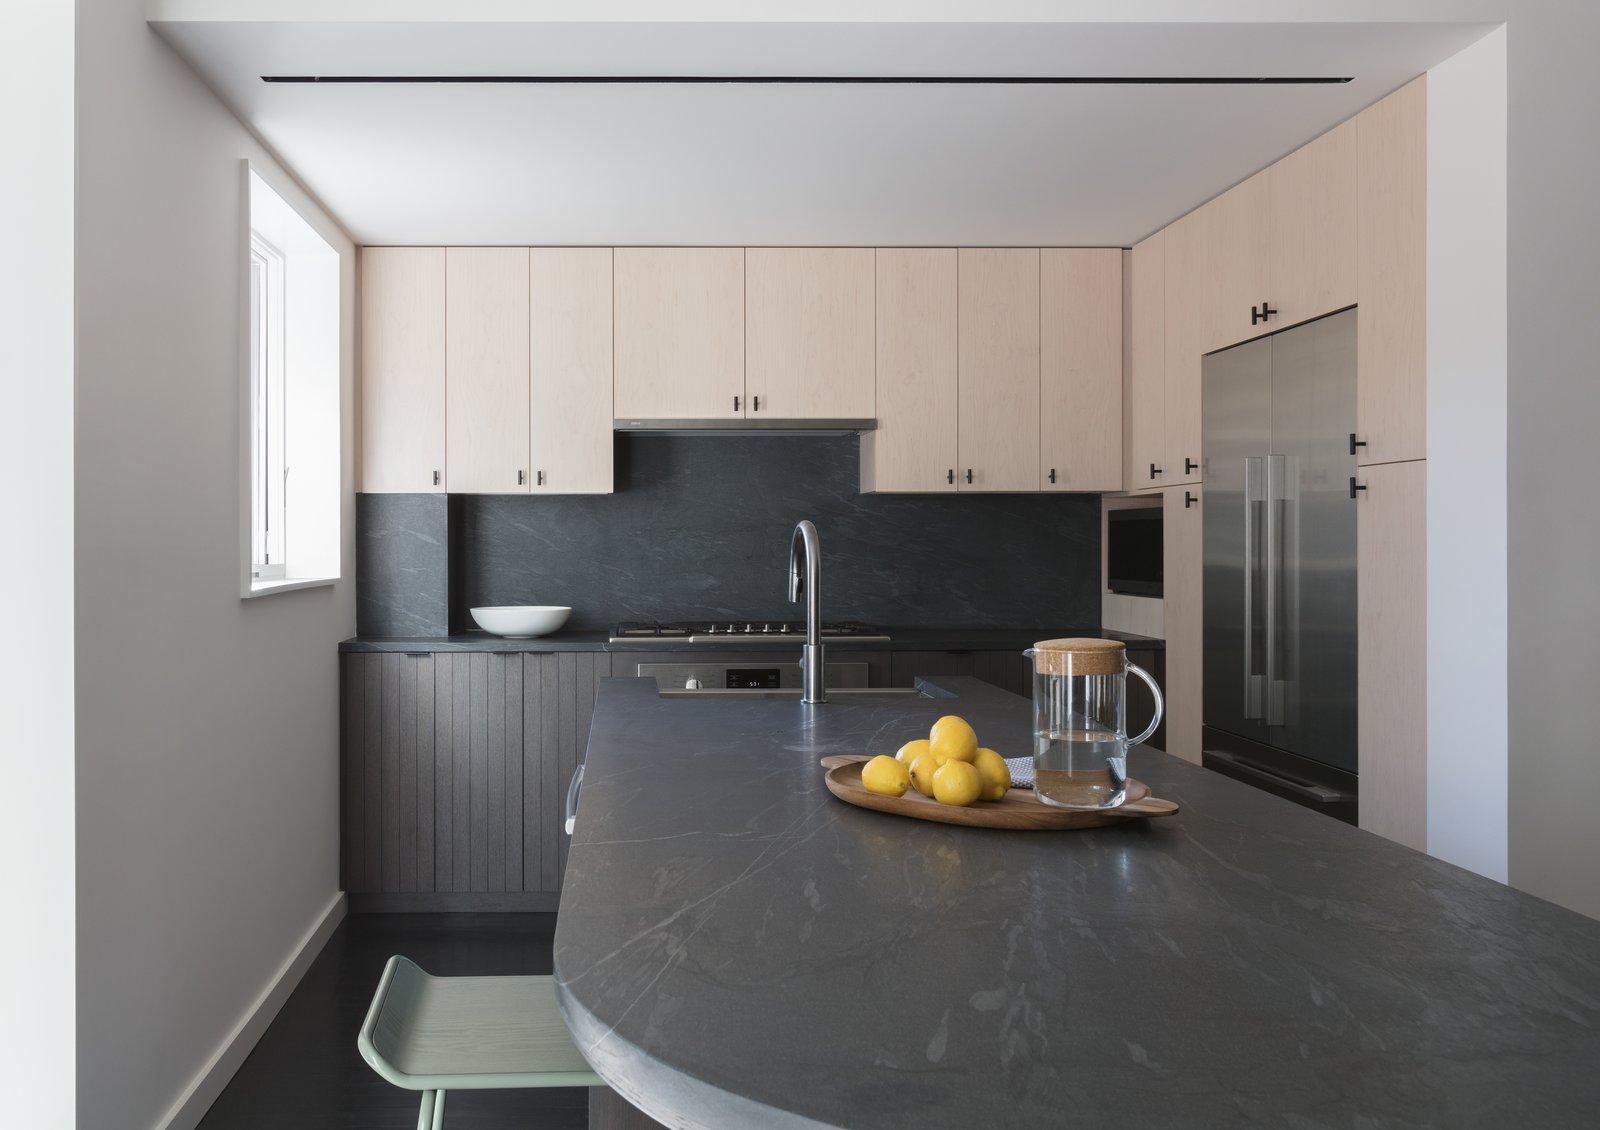 Extro/Intro Residence by Kalos Eidos Kitchen